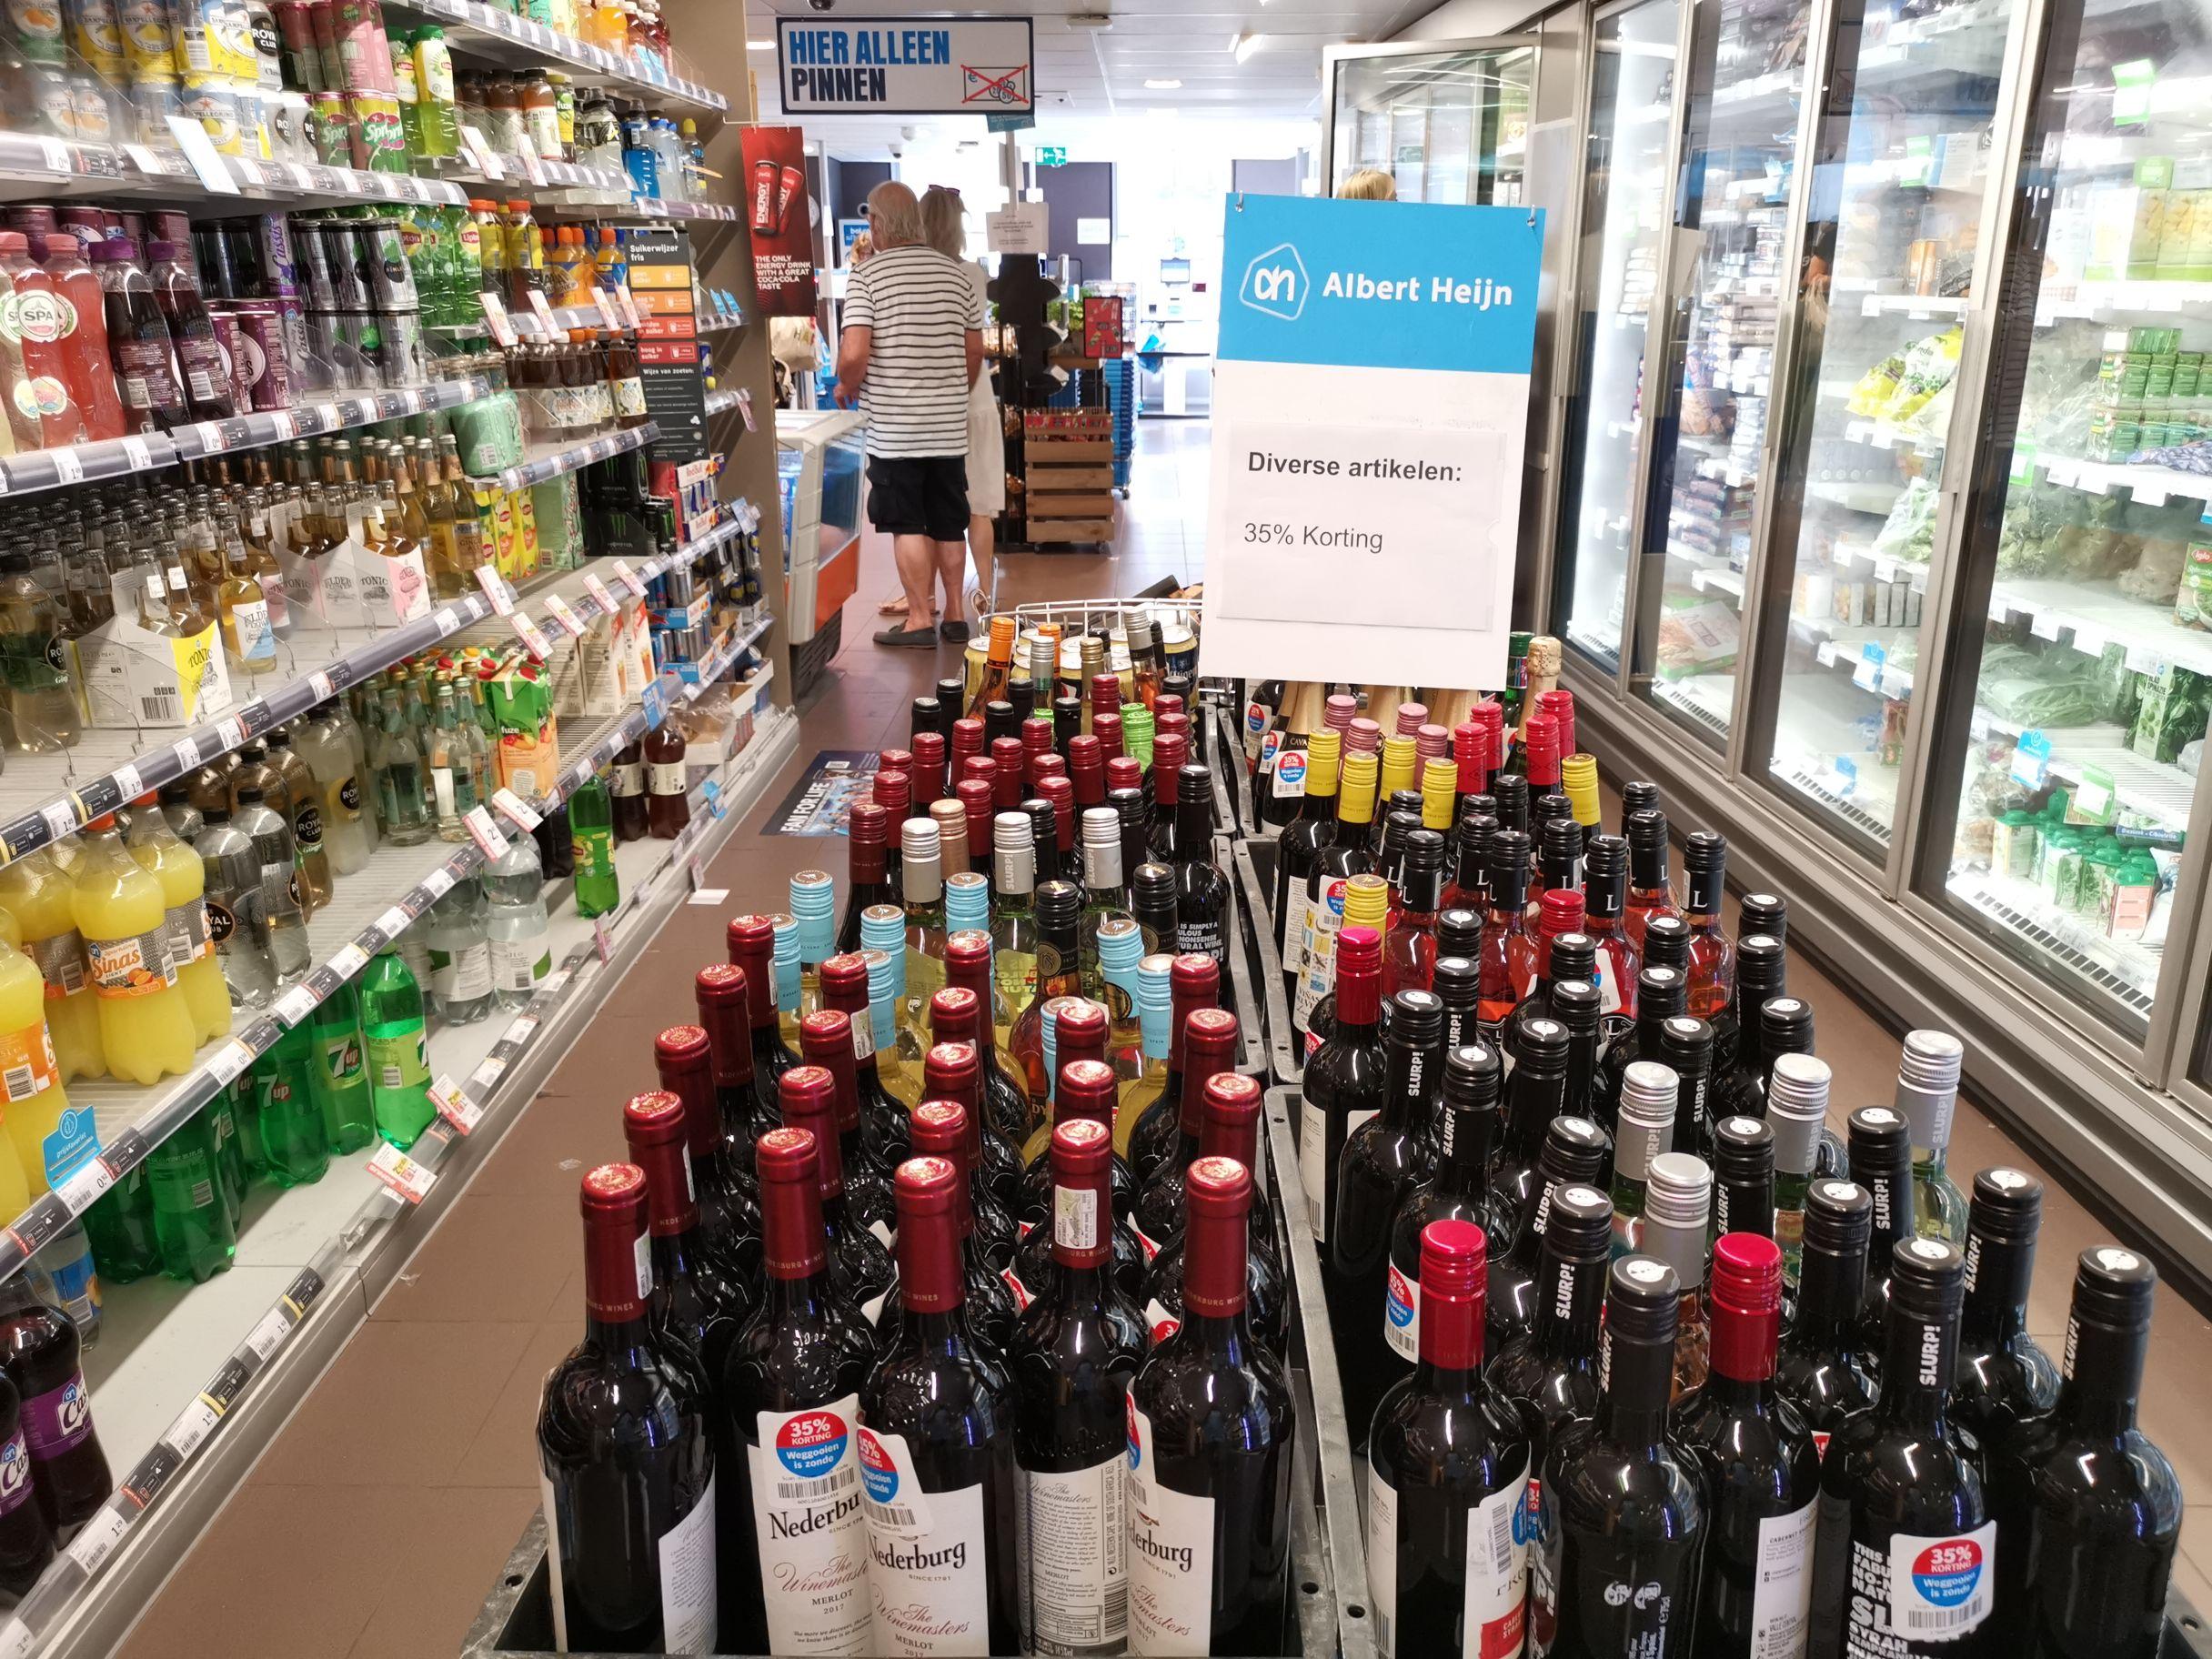 Diverse wijnen Albert Heijn